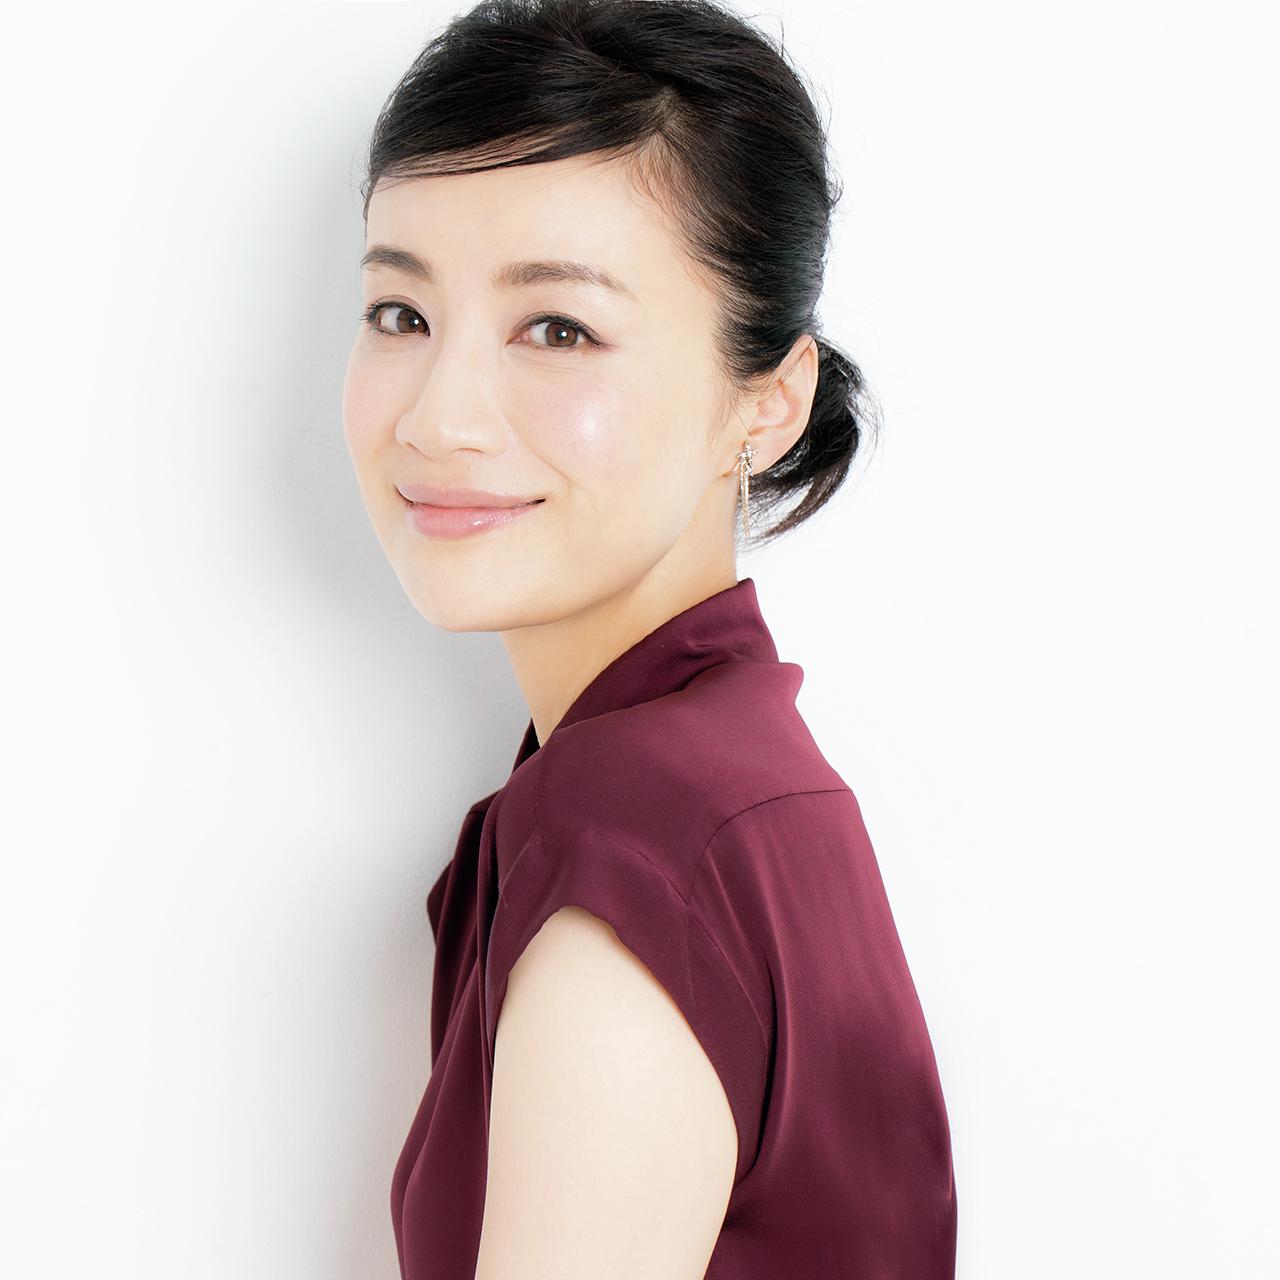 藤原美智子が指南、大人の魅力をきわだたせるメイクテクニック 五選_1_1-2